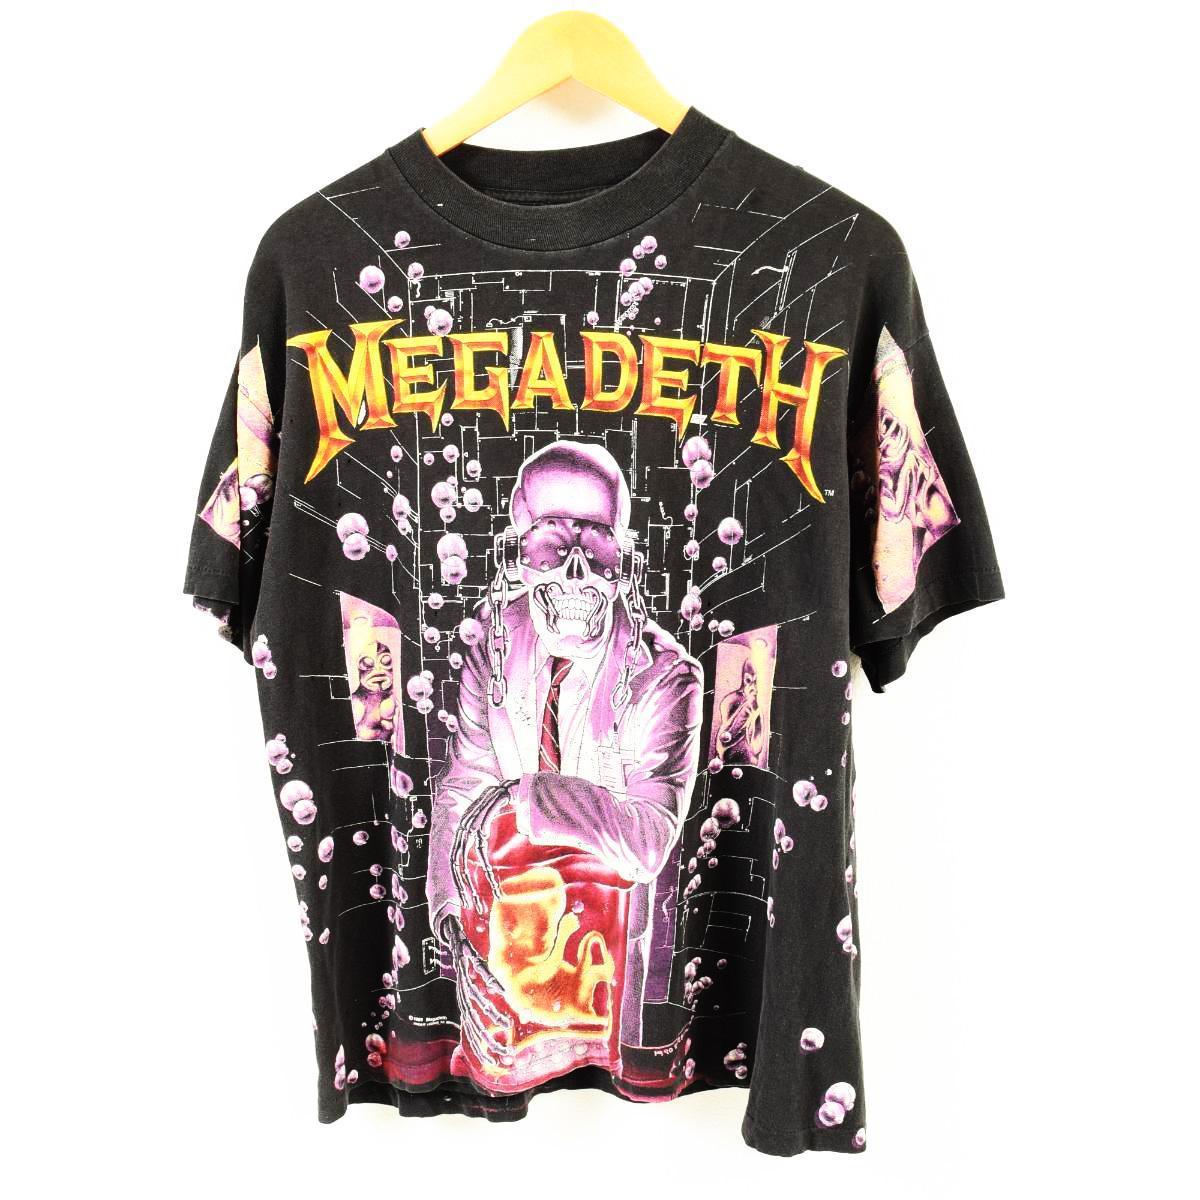 激レア 90年代 BROCKUM MEGADETH メガデス 両面プリント バンドTシャツ USA製 メンズL /waq1705 【中古】 【180520】